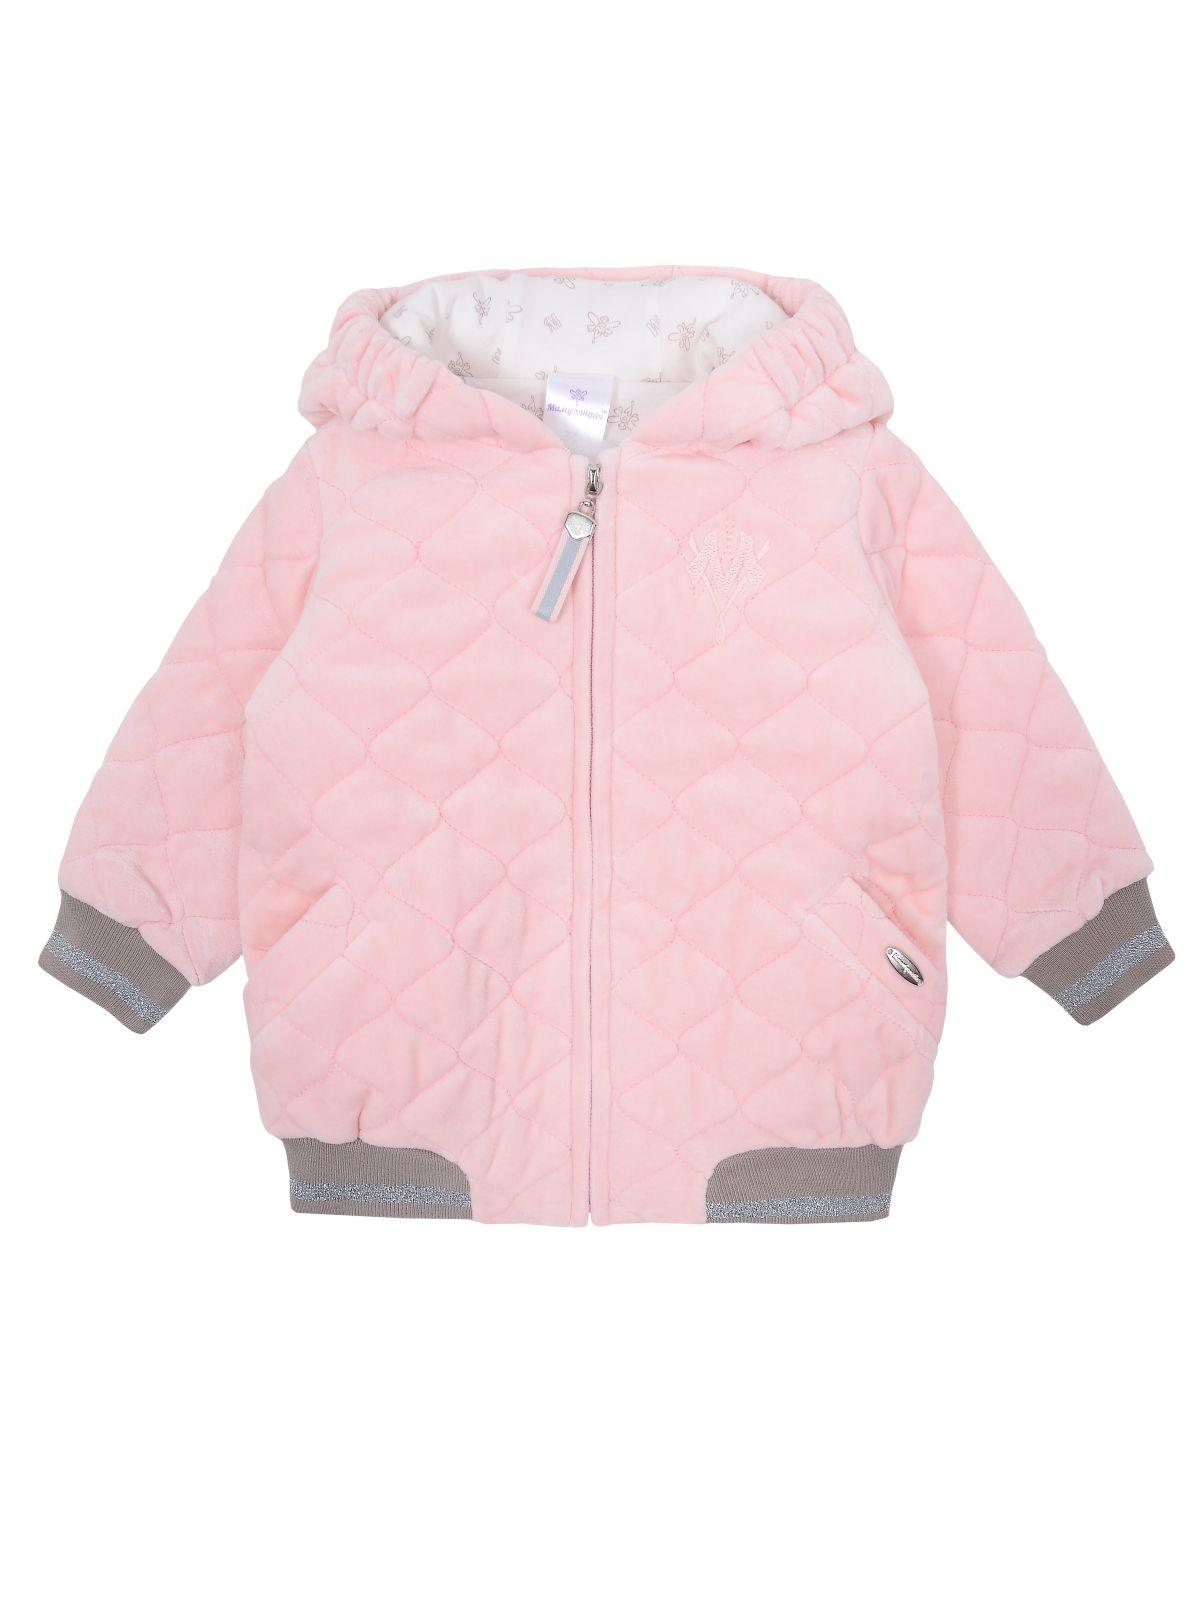 Куртка для девочки Мамуляндия 19-508, Велюр, Розовый р. 74